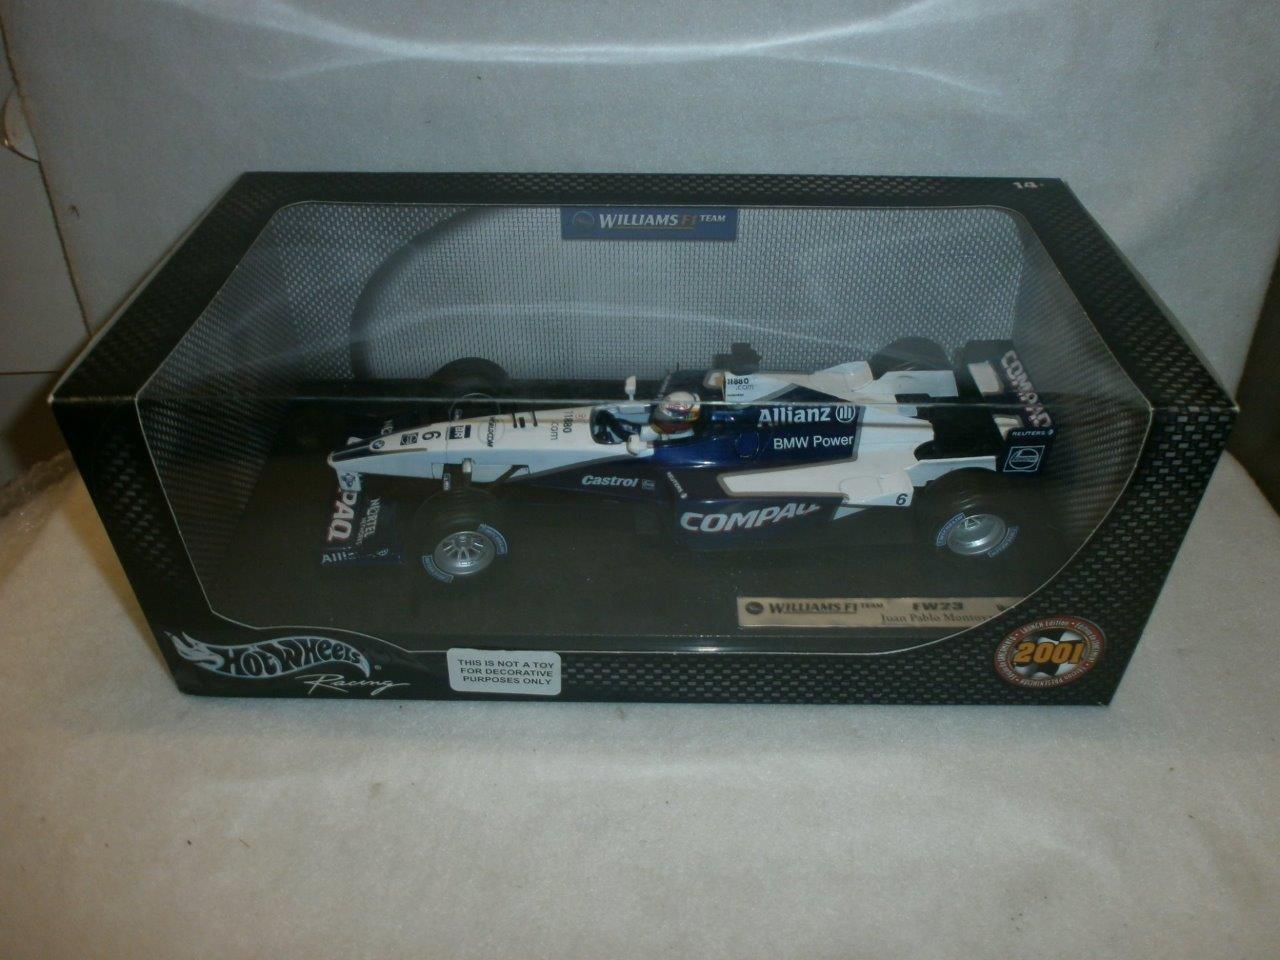 HotWheels Williams F1 FW23 Juan Pablo Montoya 2001 EDIZIONE LANCIO Nuovo di zecca con scatola 1:18